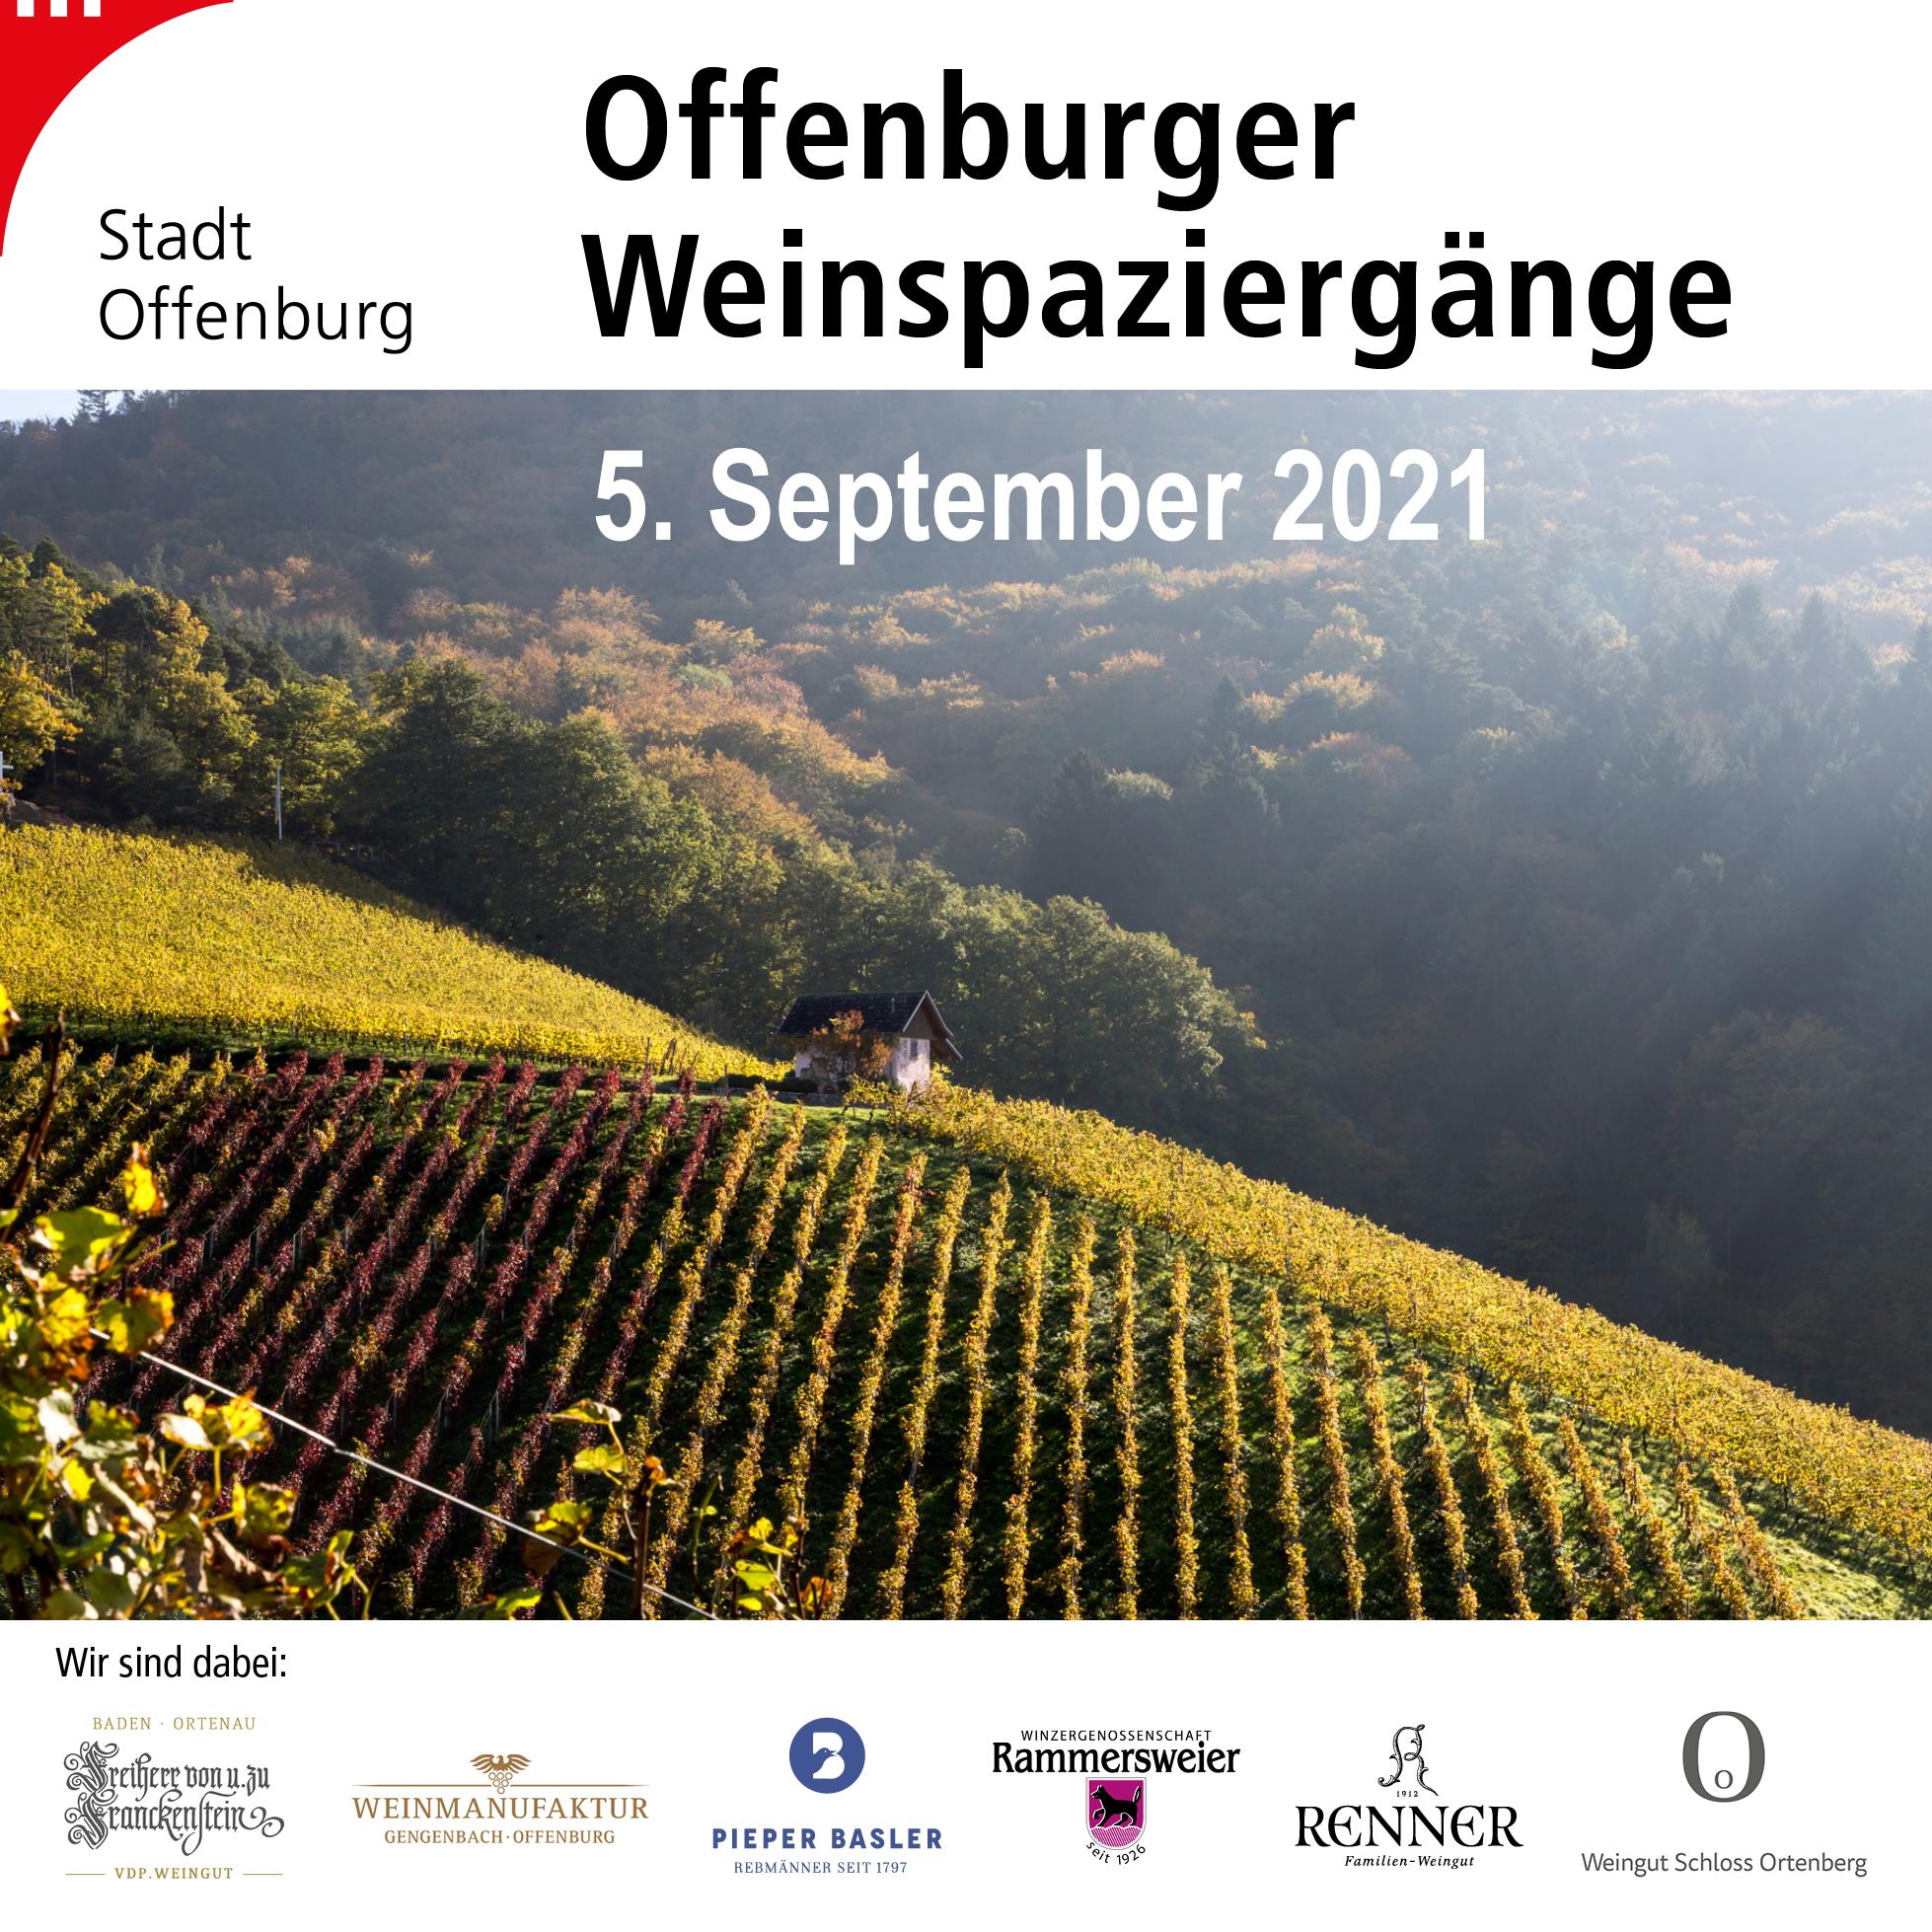 Offenburger Weinspaziergänge am 5. September